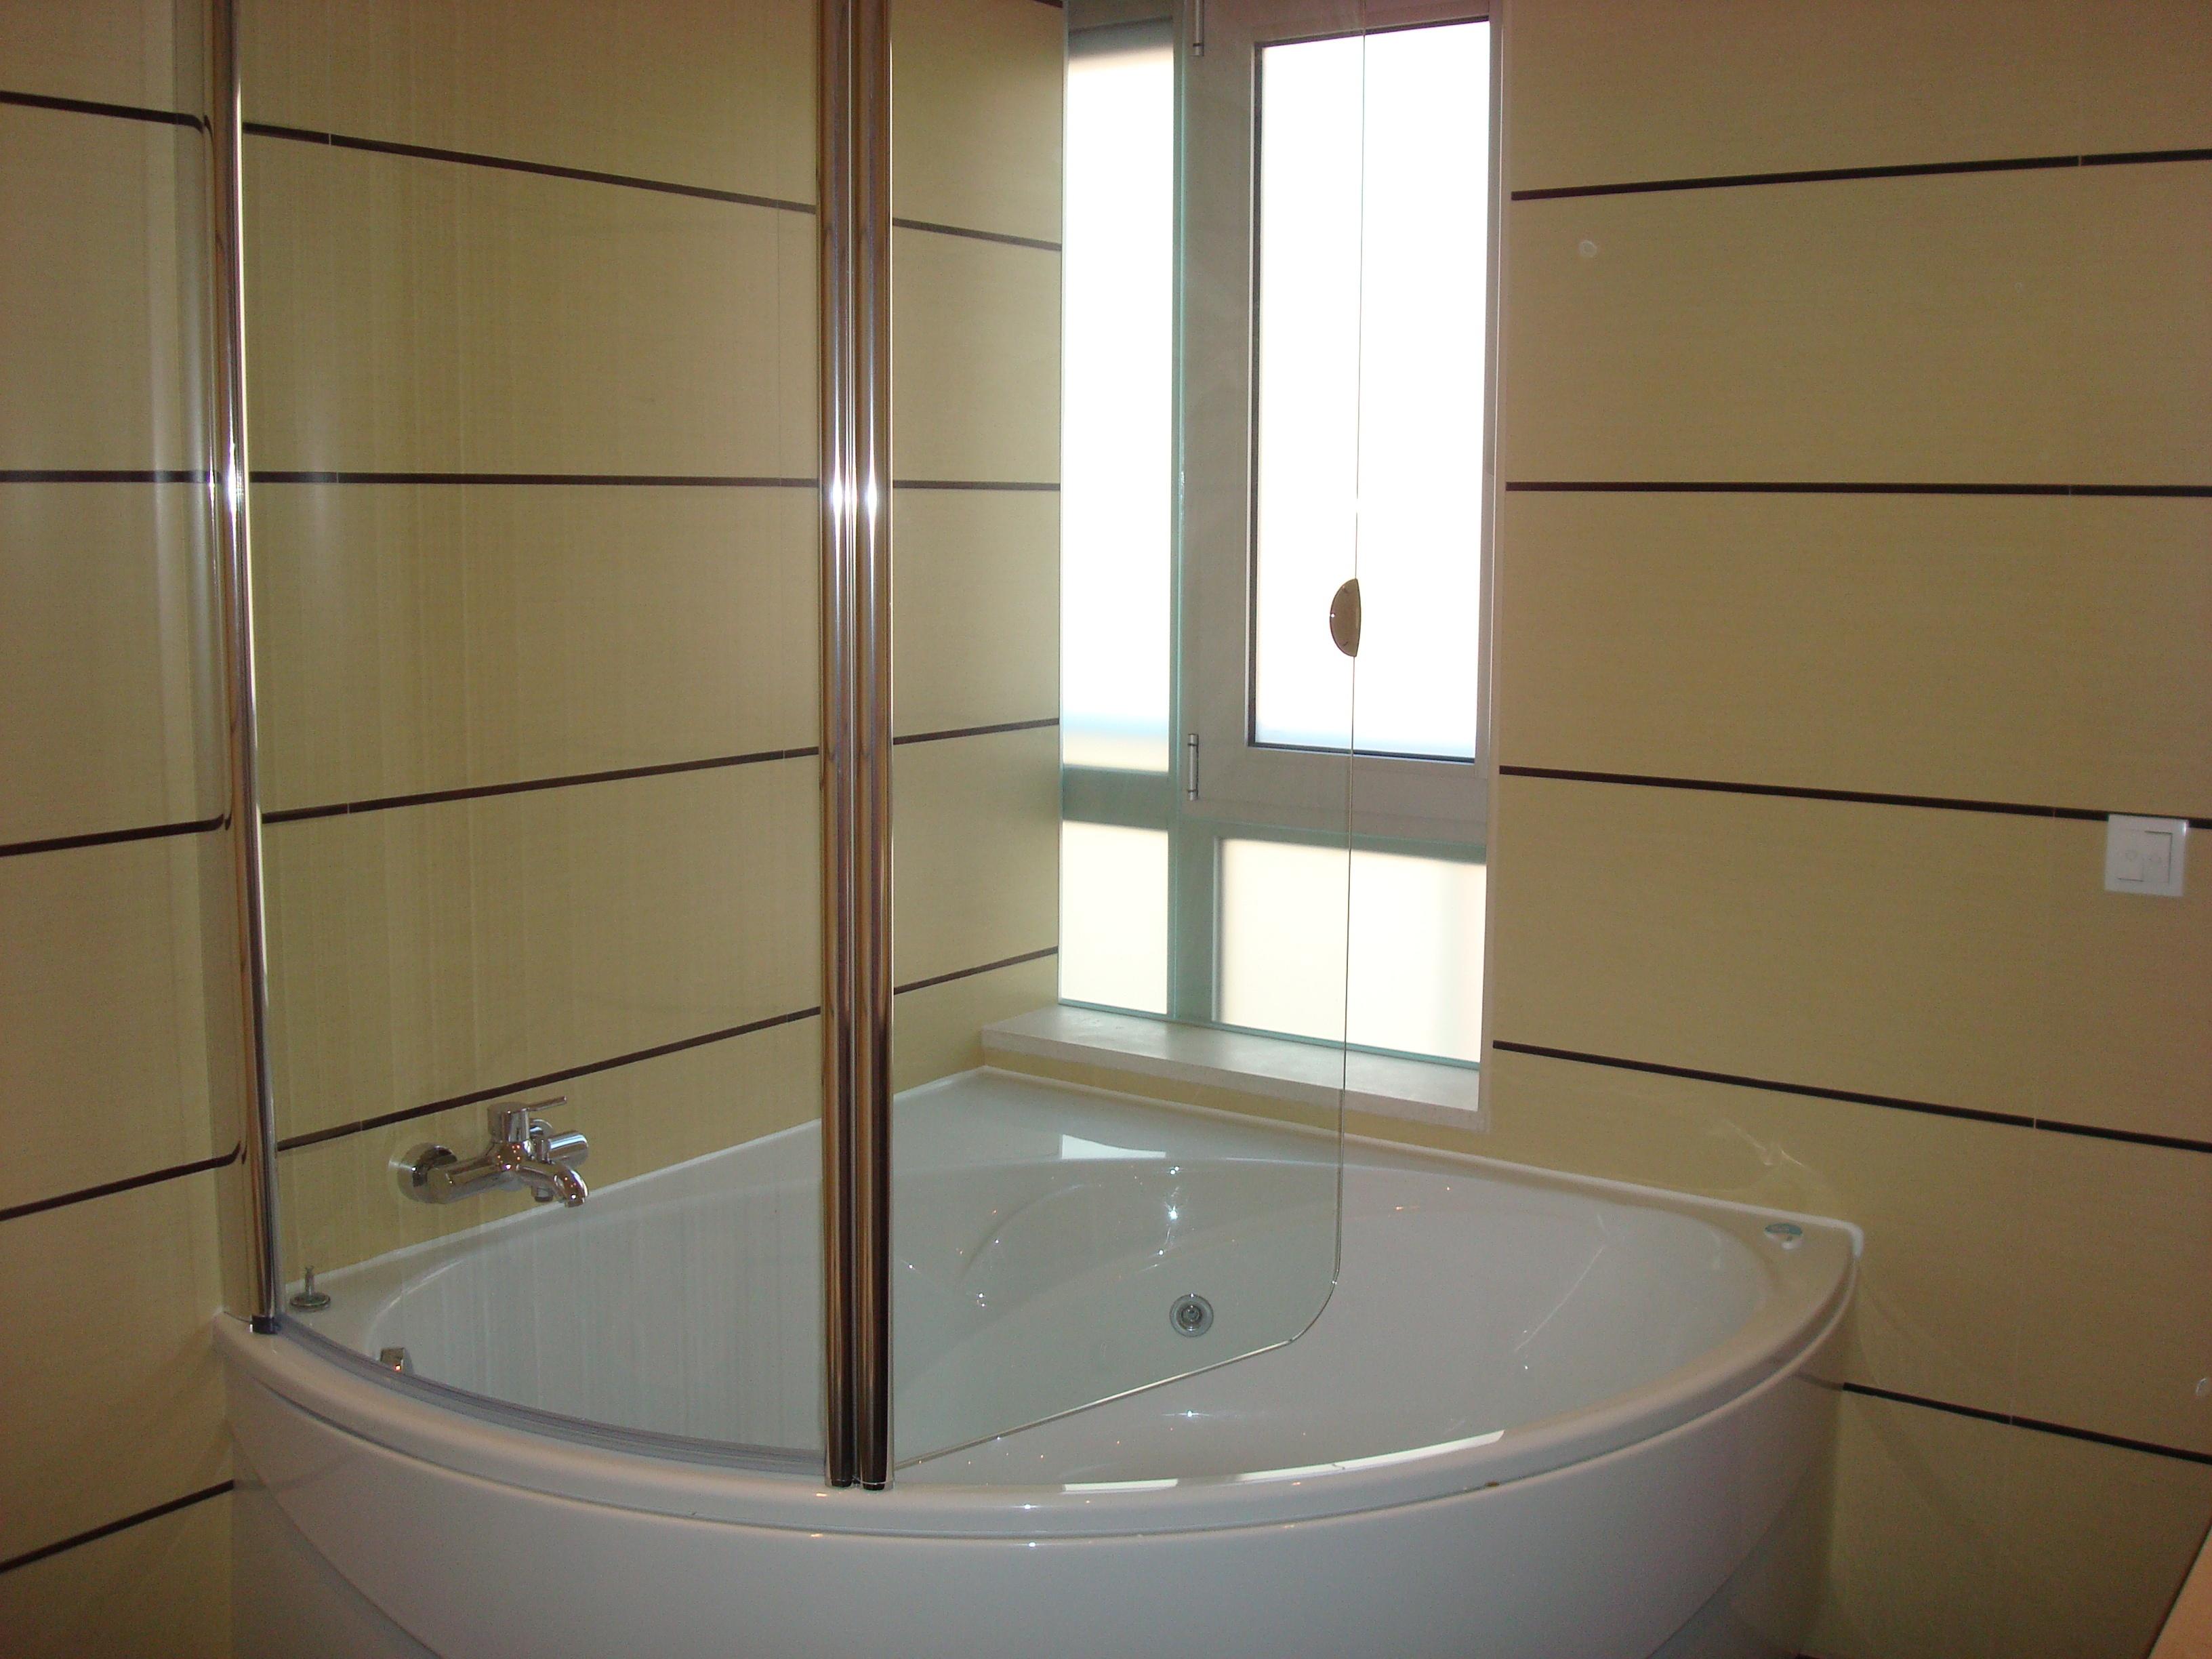 decoracao de casas de banho banheira de conato com resguardo banheiro  #614D36 3264x2448 Banheiro Com Banheira De Canto